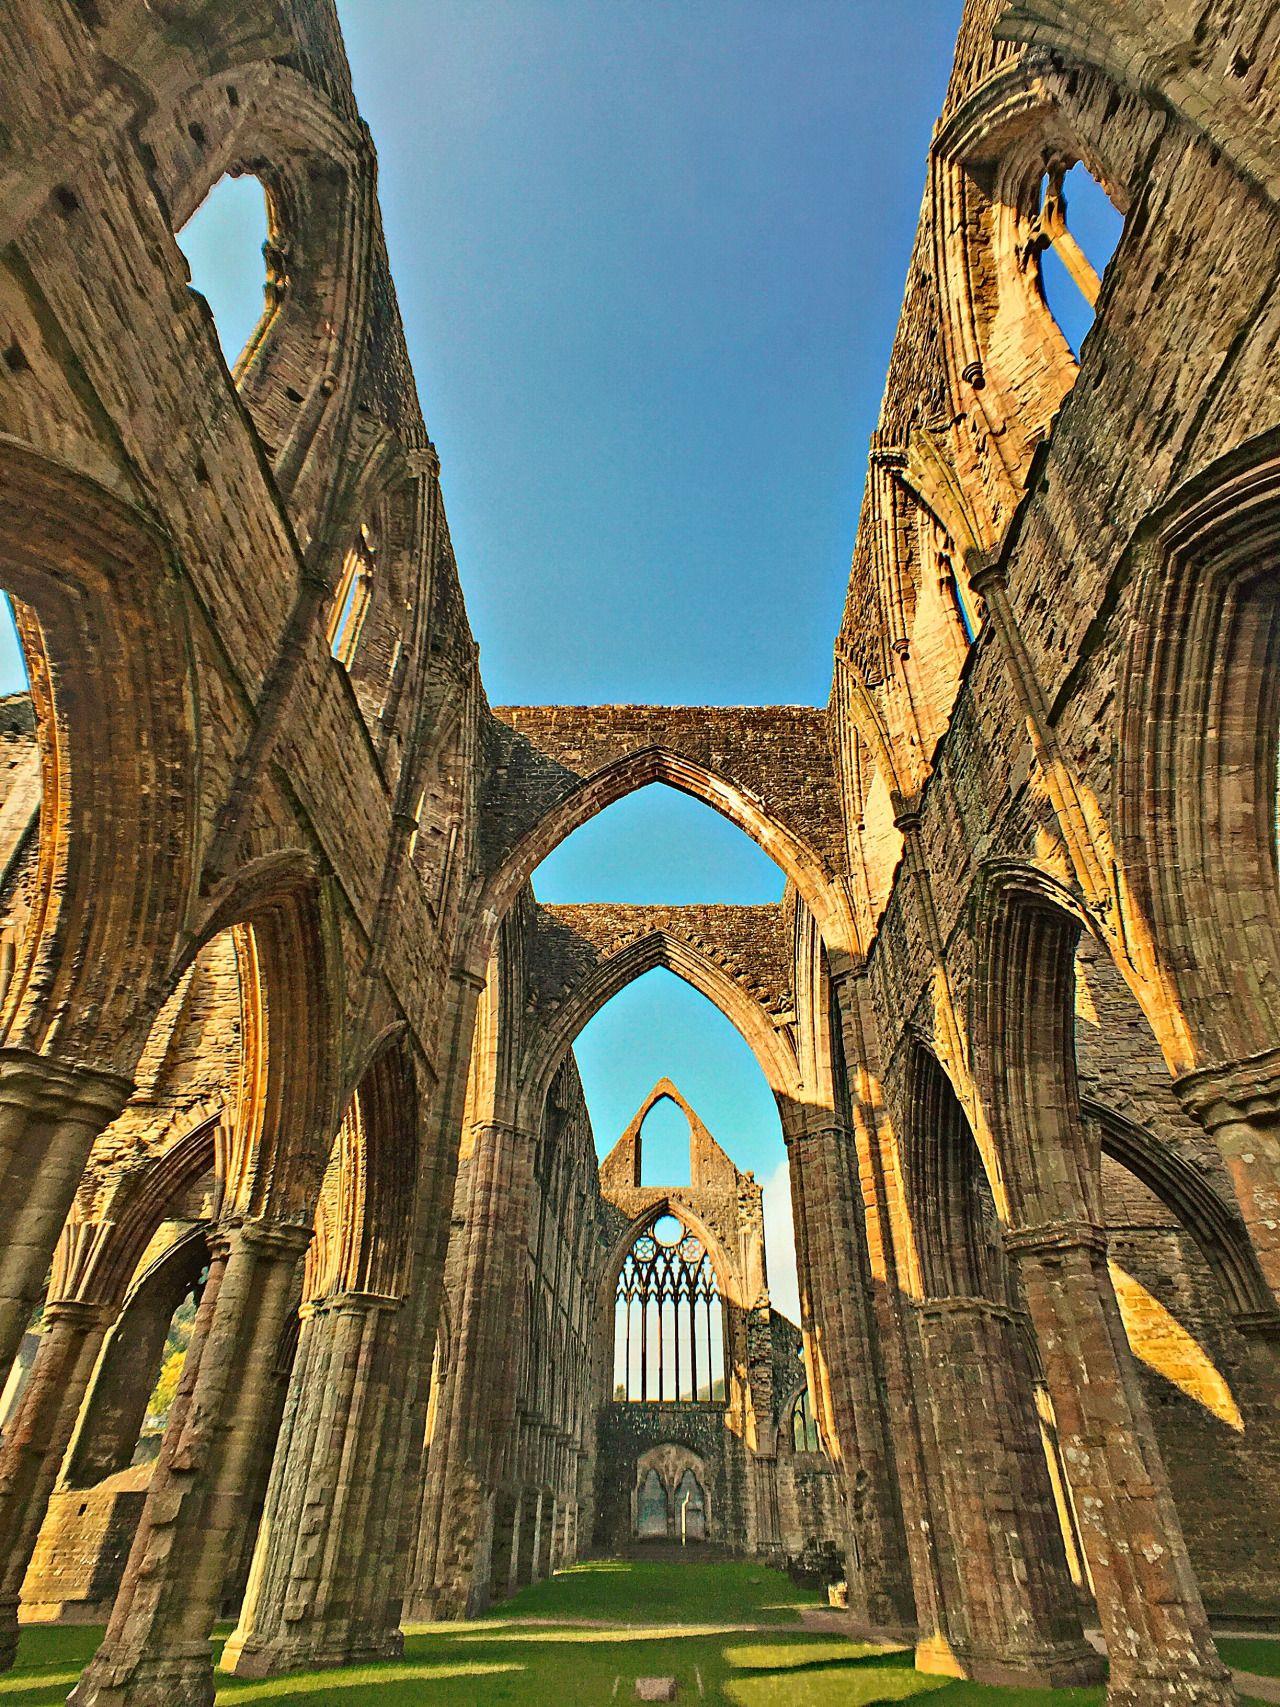 Die Ruinen von Tintern Abbey Monmouthshire, Wales Die Ruinen der Abtei aus dem 12. Jhd. sind berühmt dafür, dass sie das Werk namhafter englischer Künstler inspiriert haben, einschließlich des romantischen Dichters William Wordsworth und des Malers...